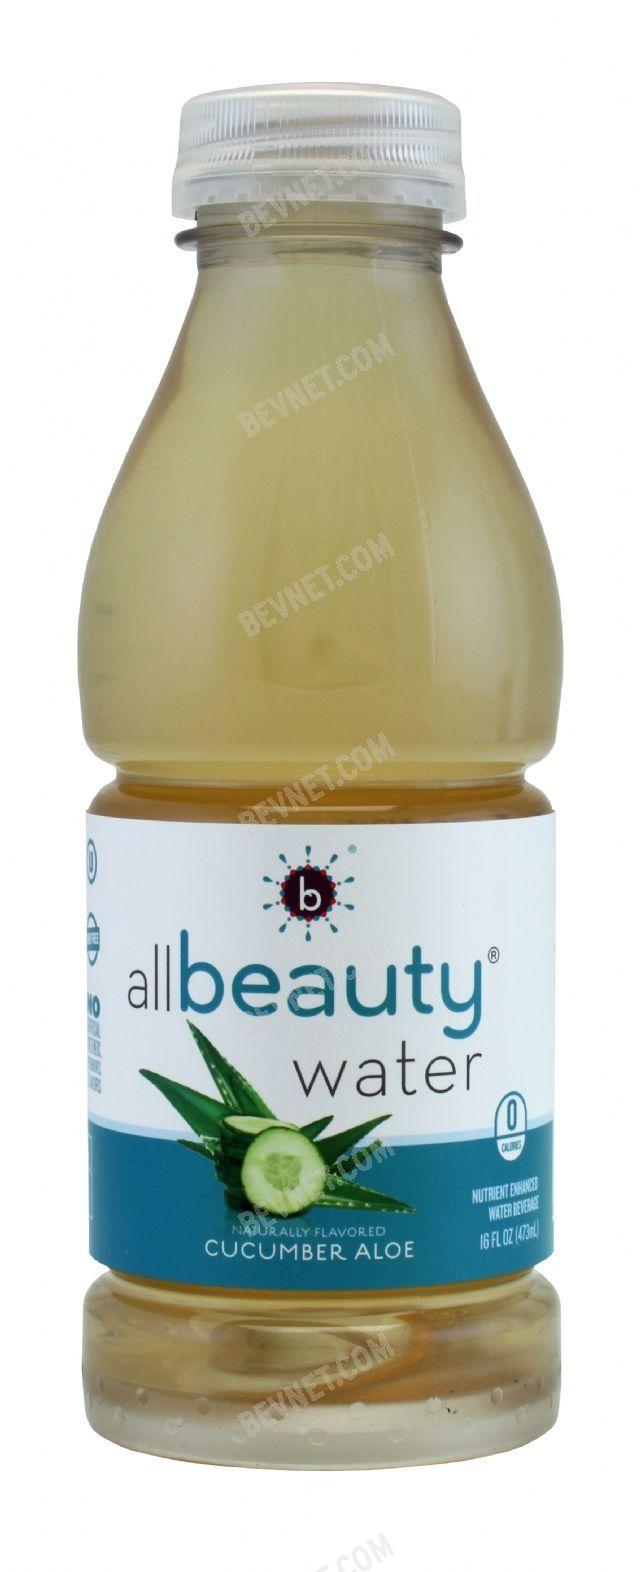 allbeauty water: